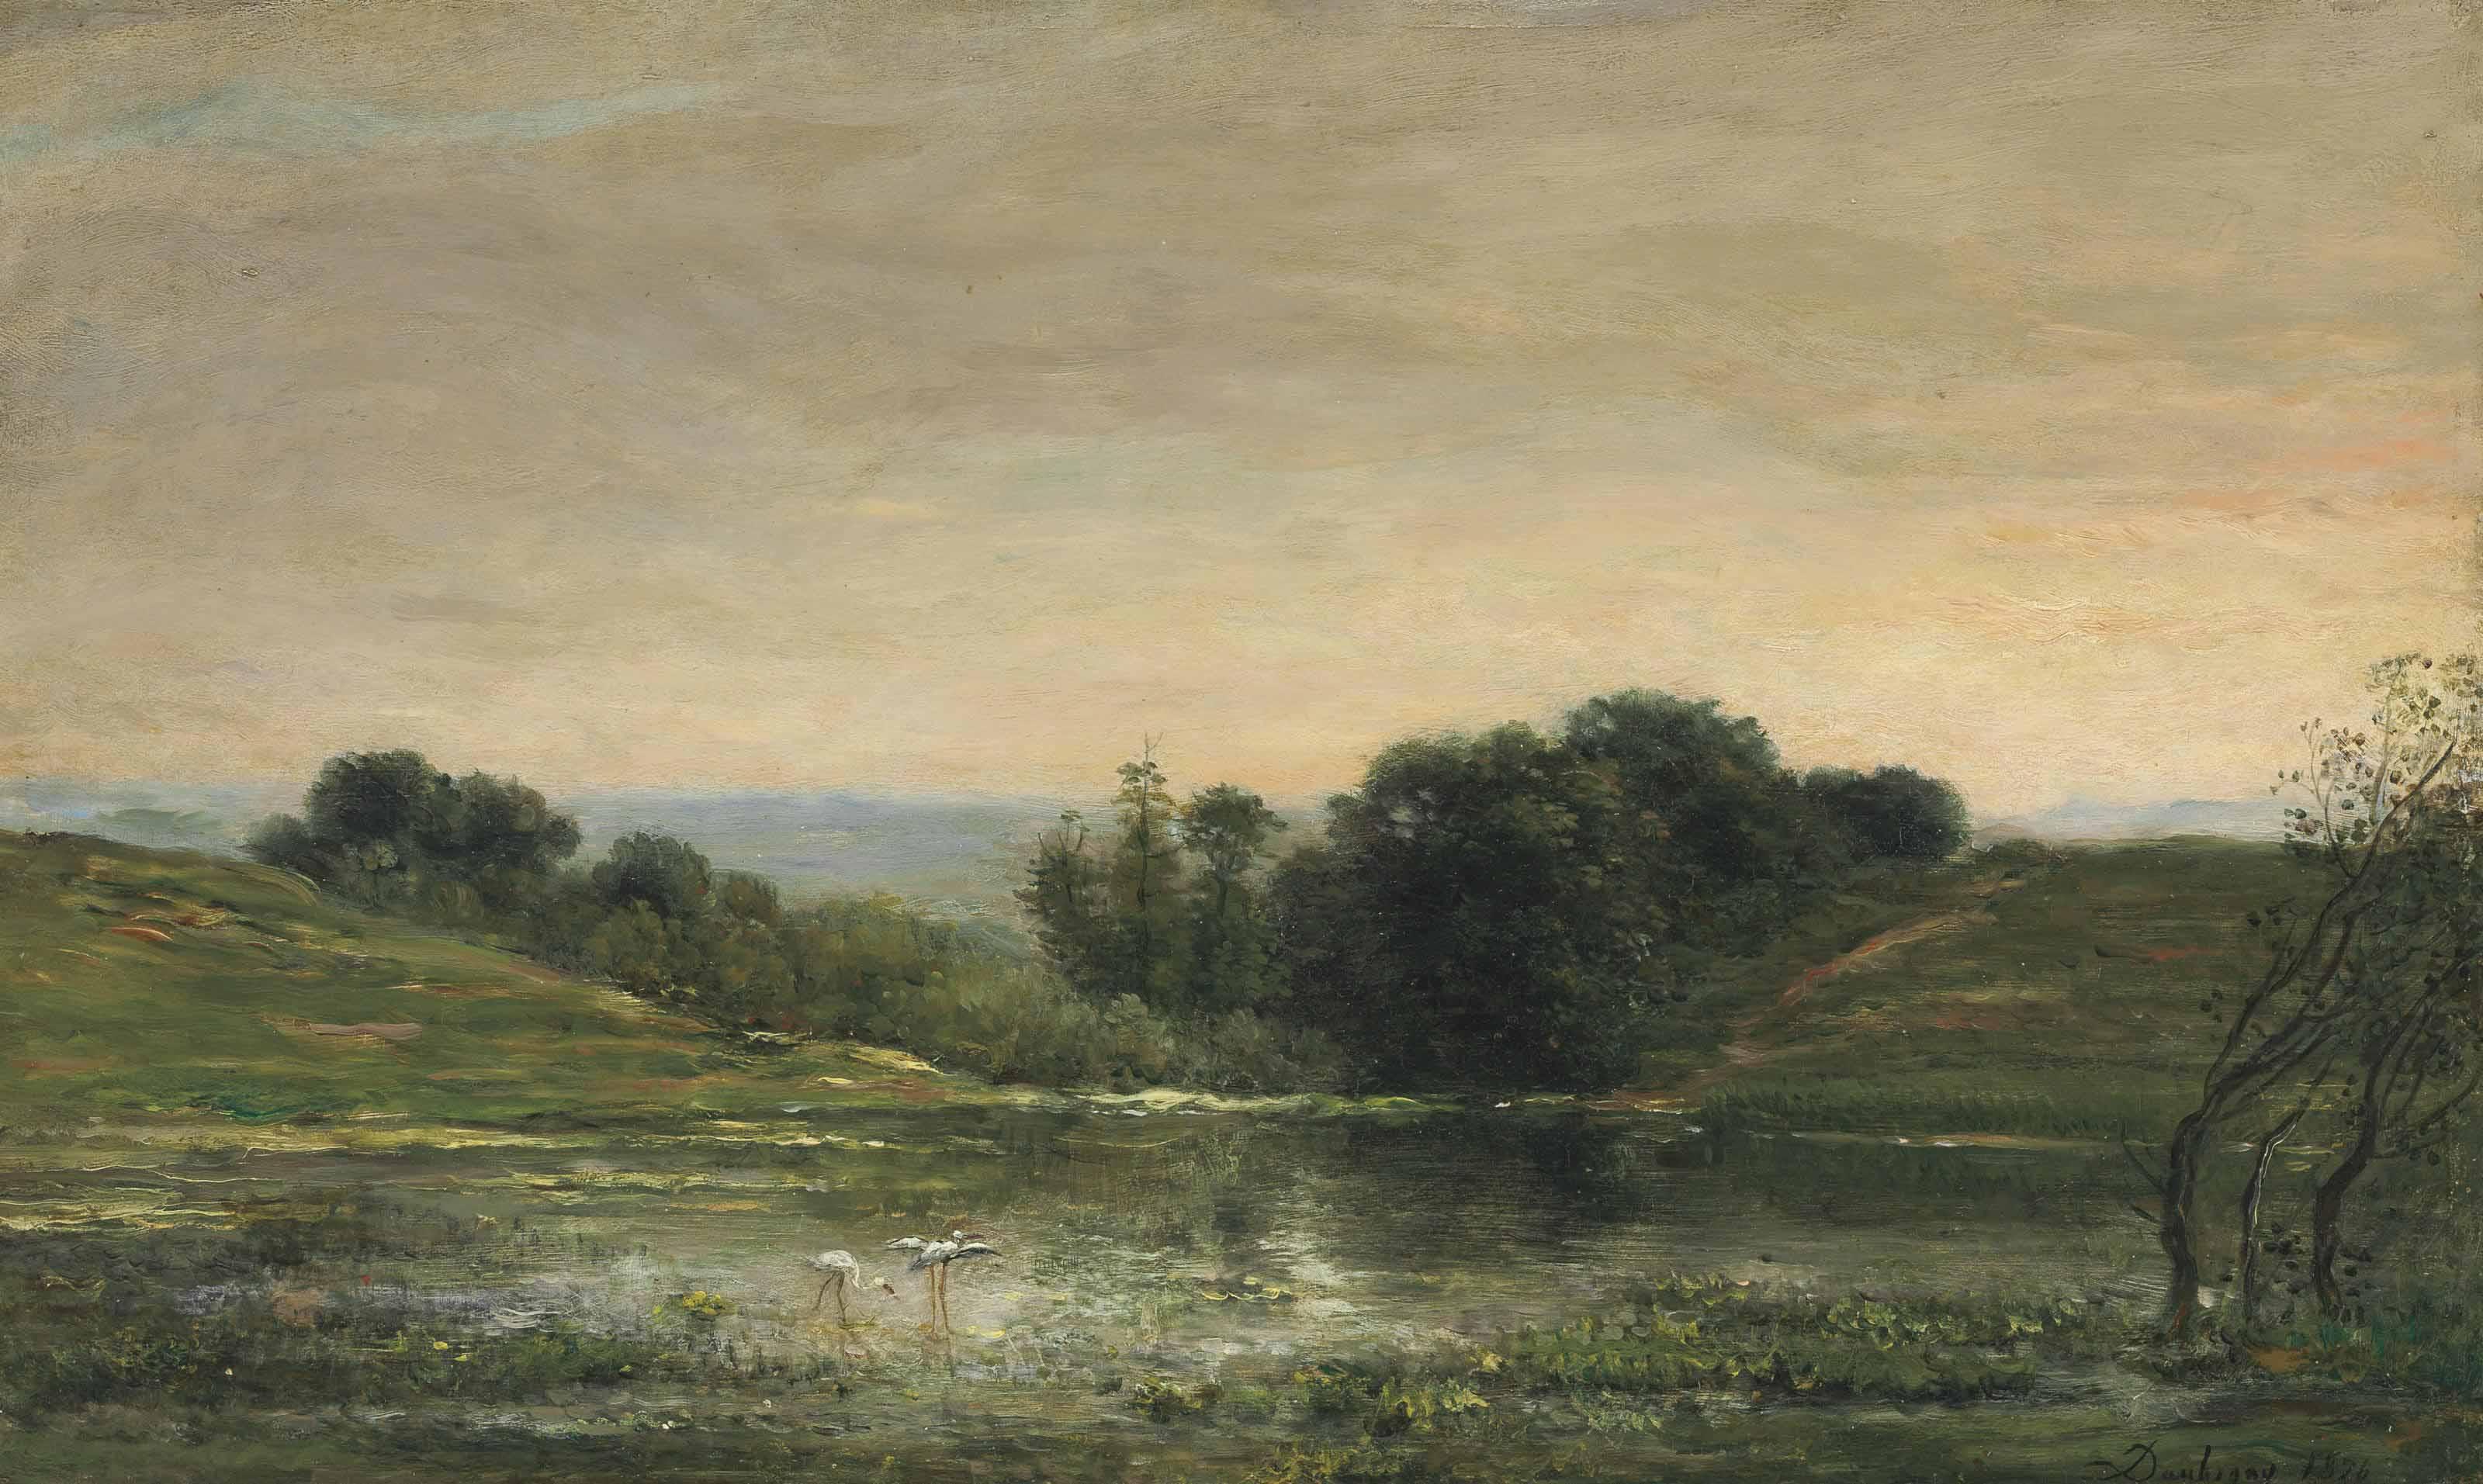 Étang de Gillieu, Dauphiné: Solitude